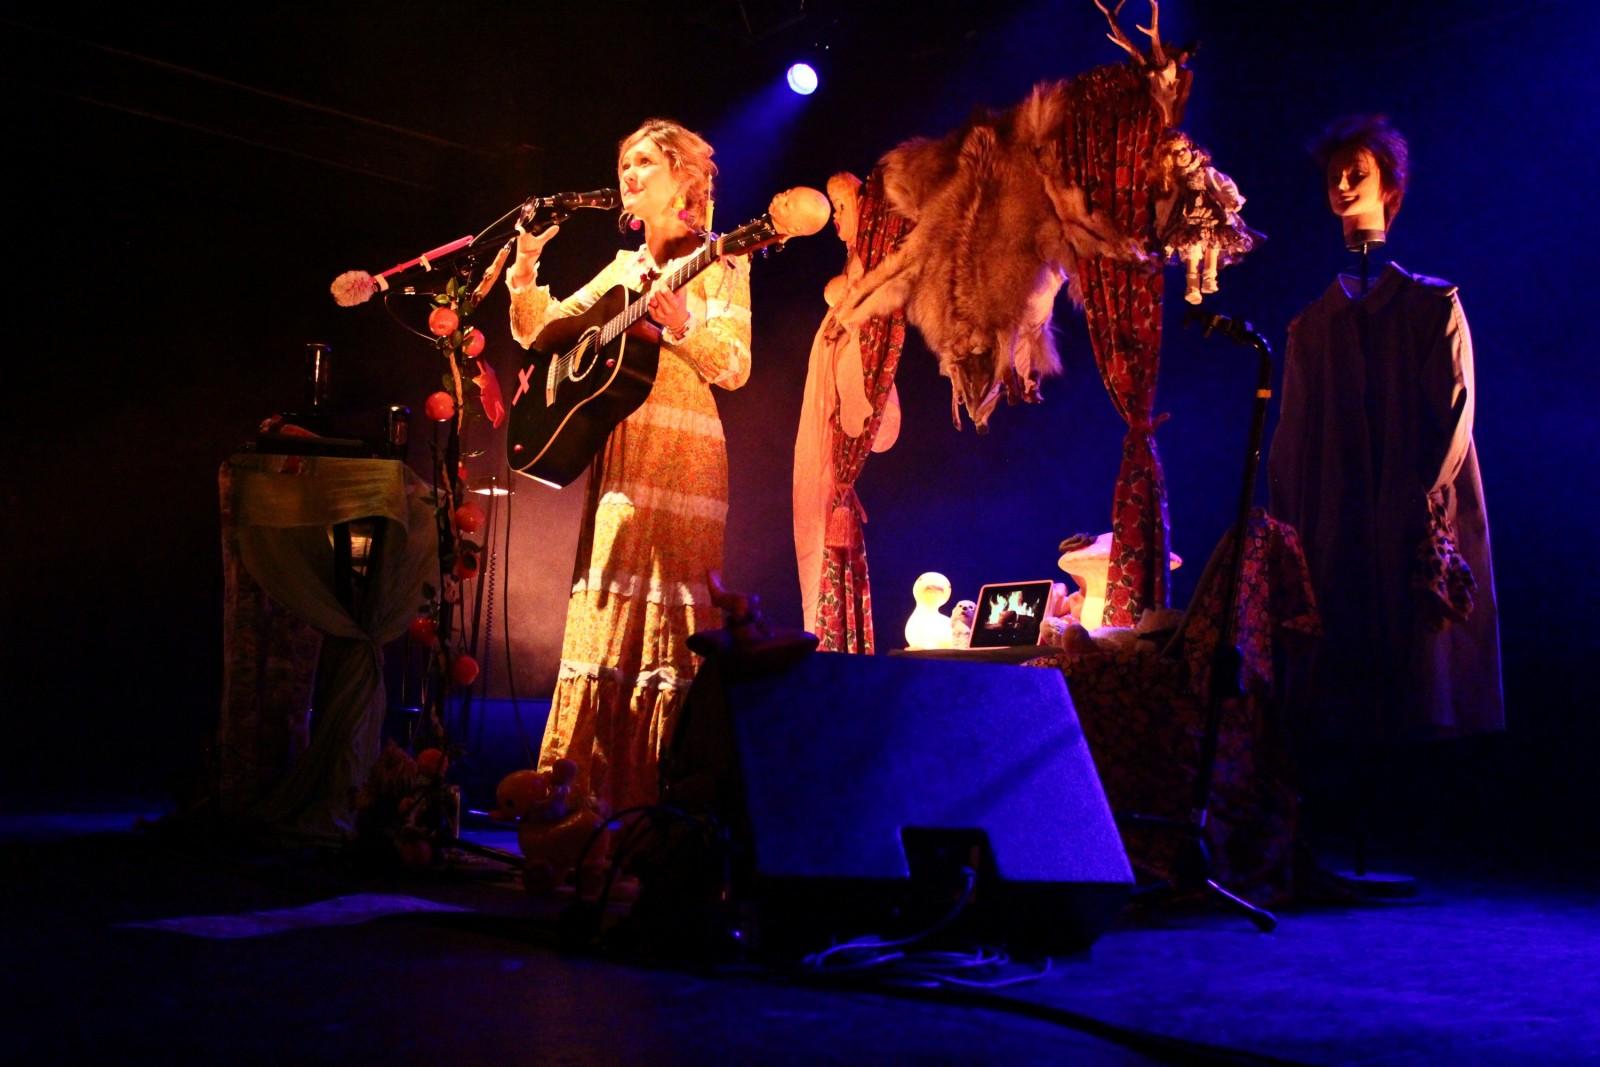 GiedRé lors de son concert à l'Espace Julien le 21 Novembre 2012. ©AL